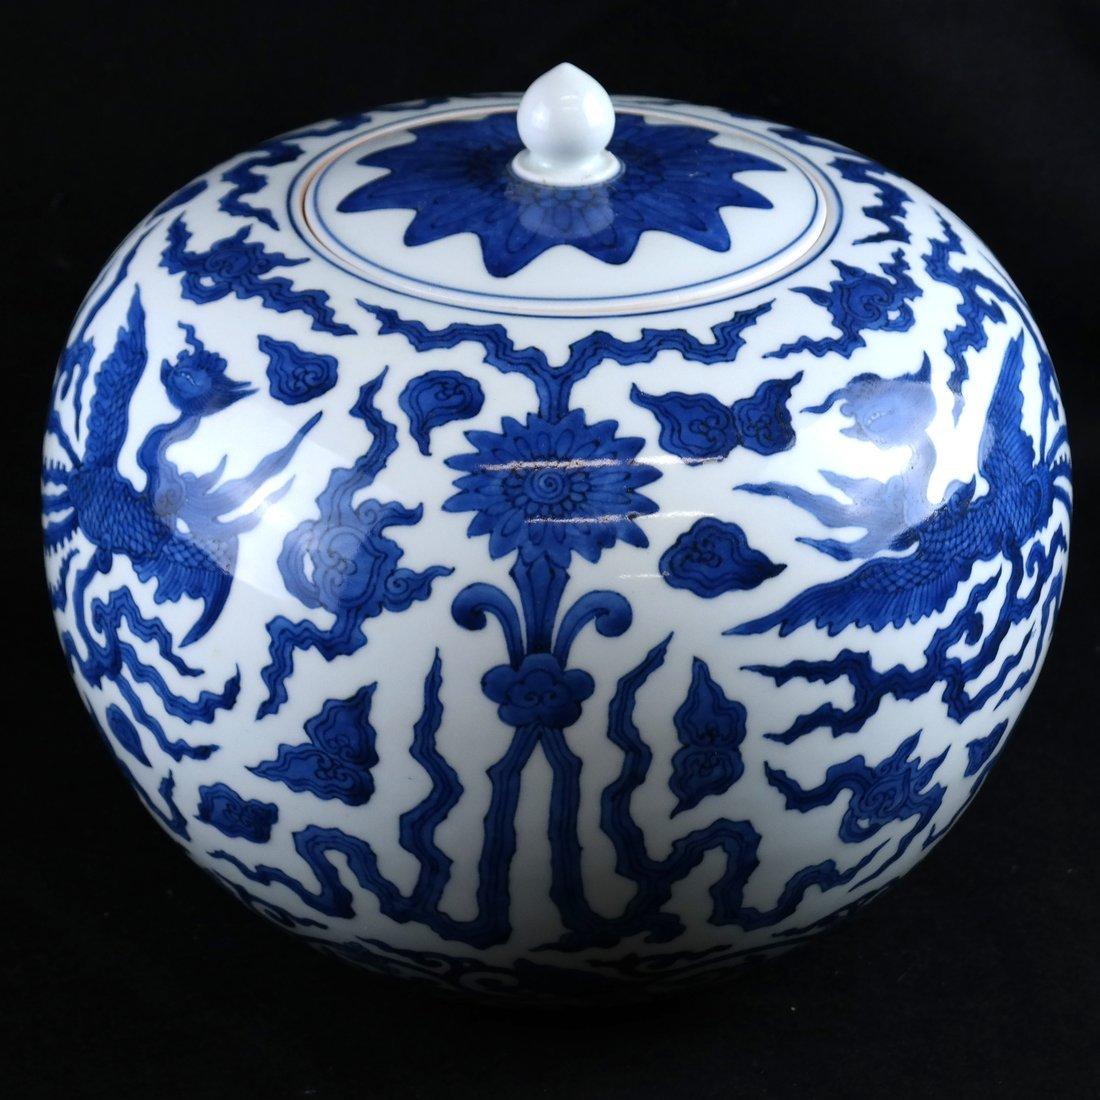 Asian-Style Blue & White Ginger Jar